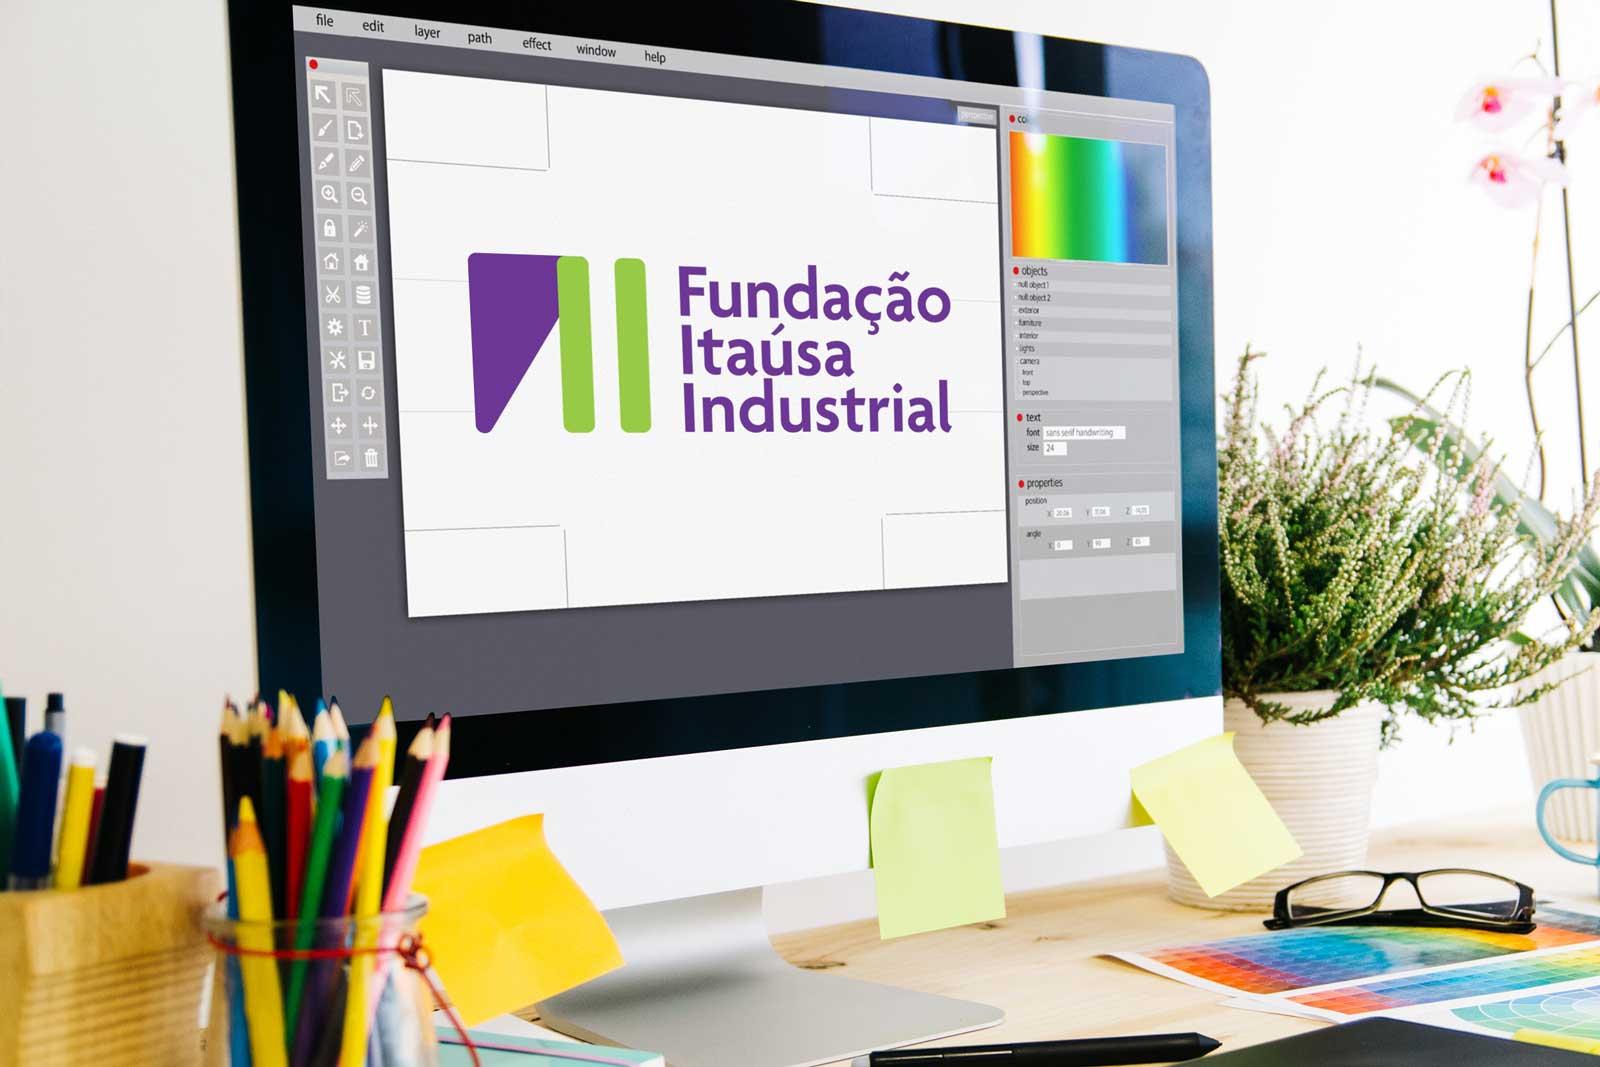 Tela de um computador com a nova logomarca da Fundação Itaúsa Industrial